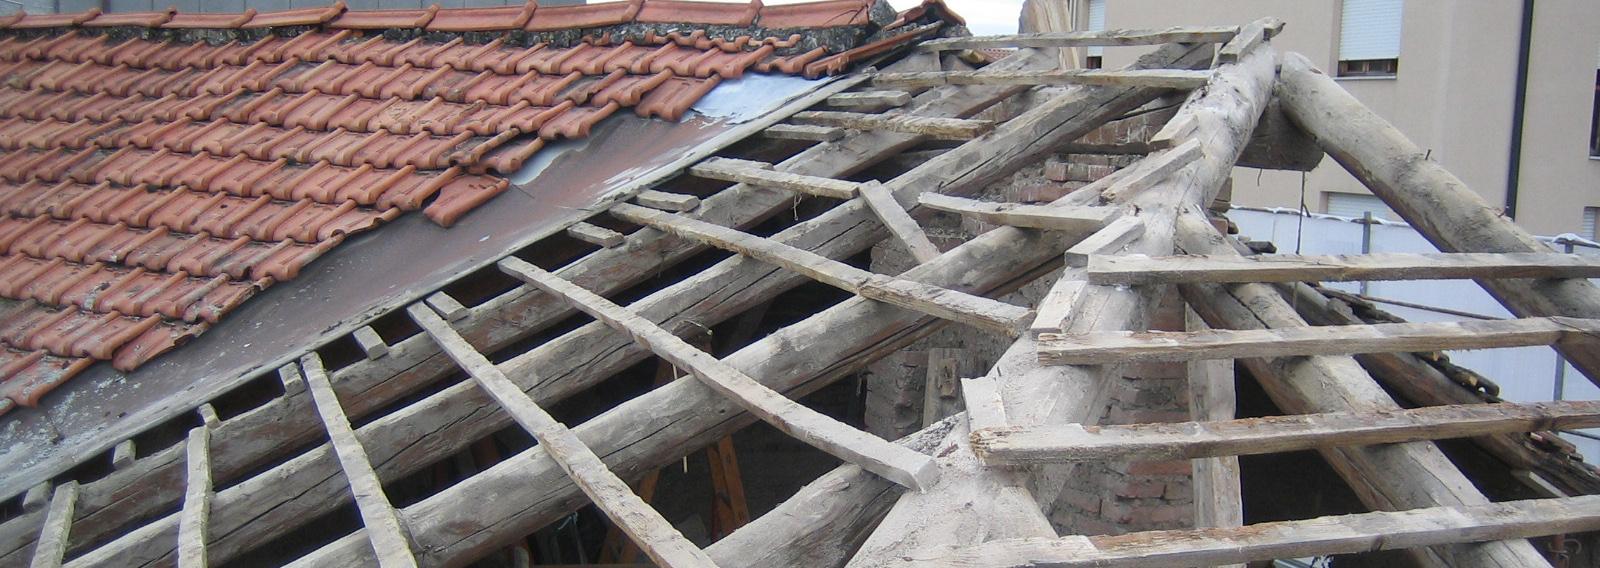 Costruzioni-edili-zanella-restauro-Montebelluna